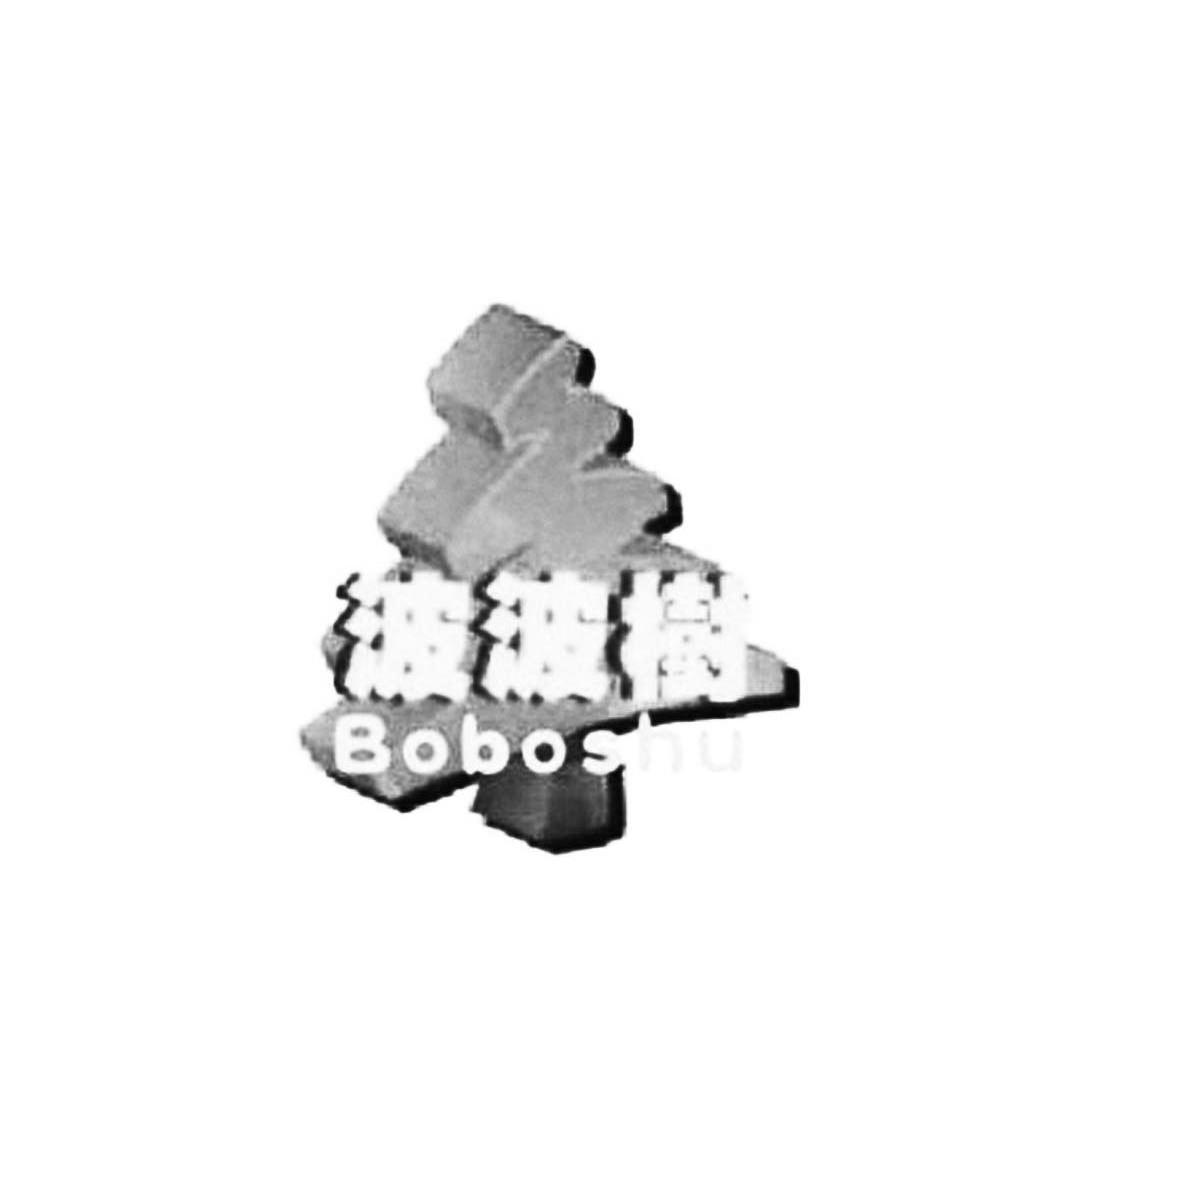 转让外围滚球软件365_365滚球网站下载_365滚球 已经1比0 让球-波波树